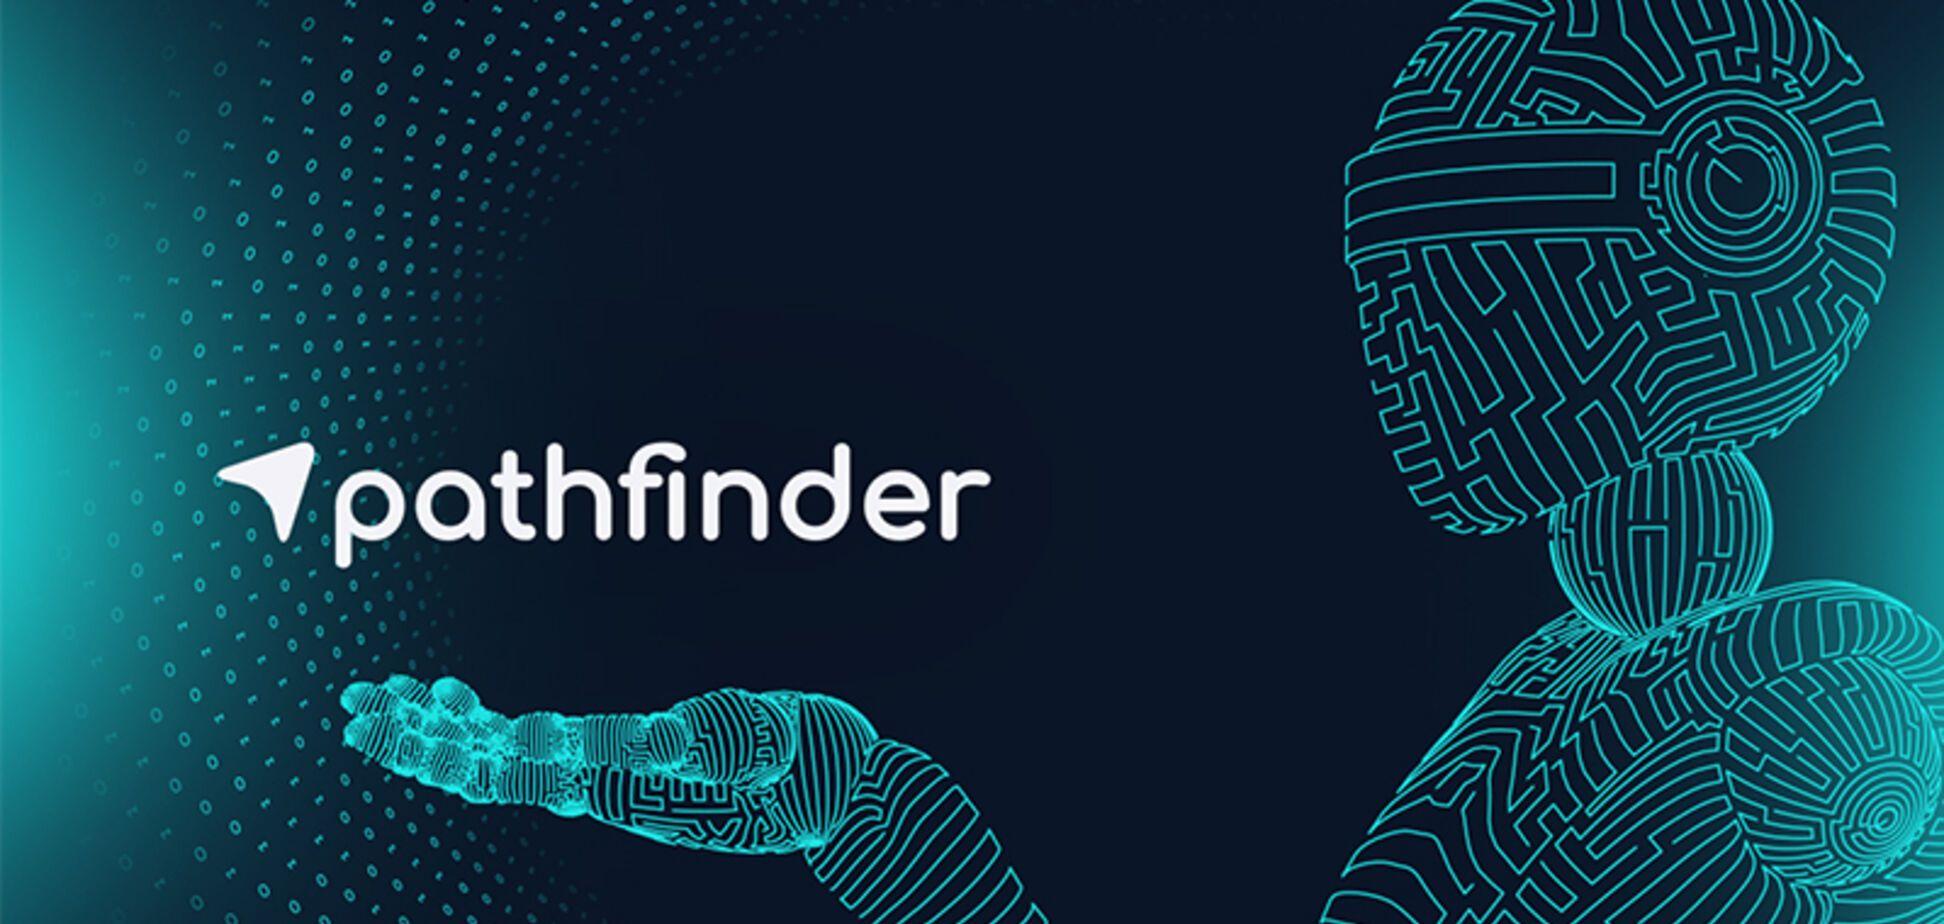 Безкоштовний ресурс Pathfinder допоможе вам знайти свій напрямок